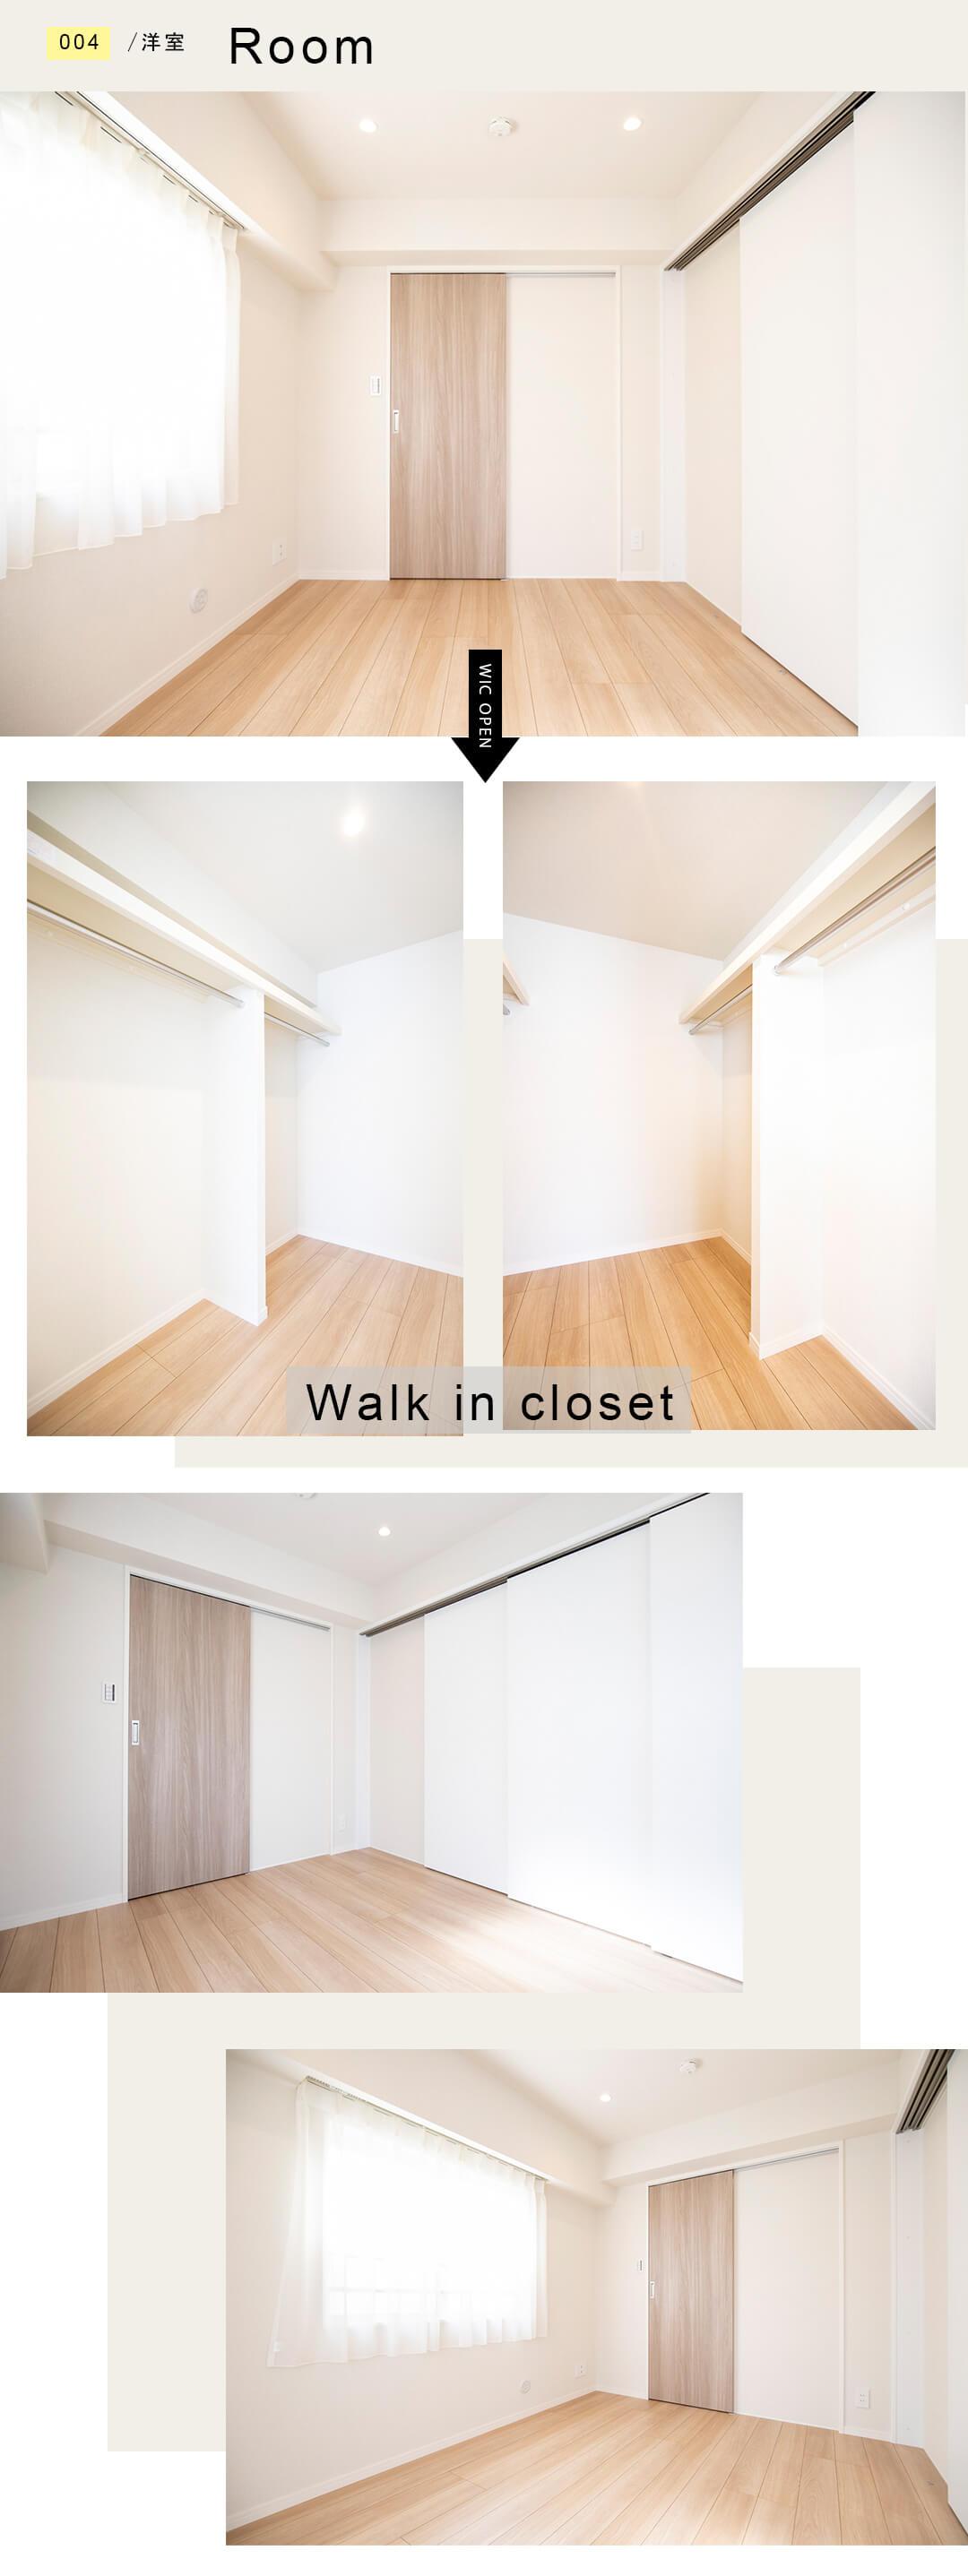 04洋室,Room